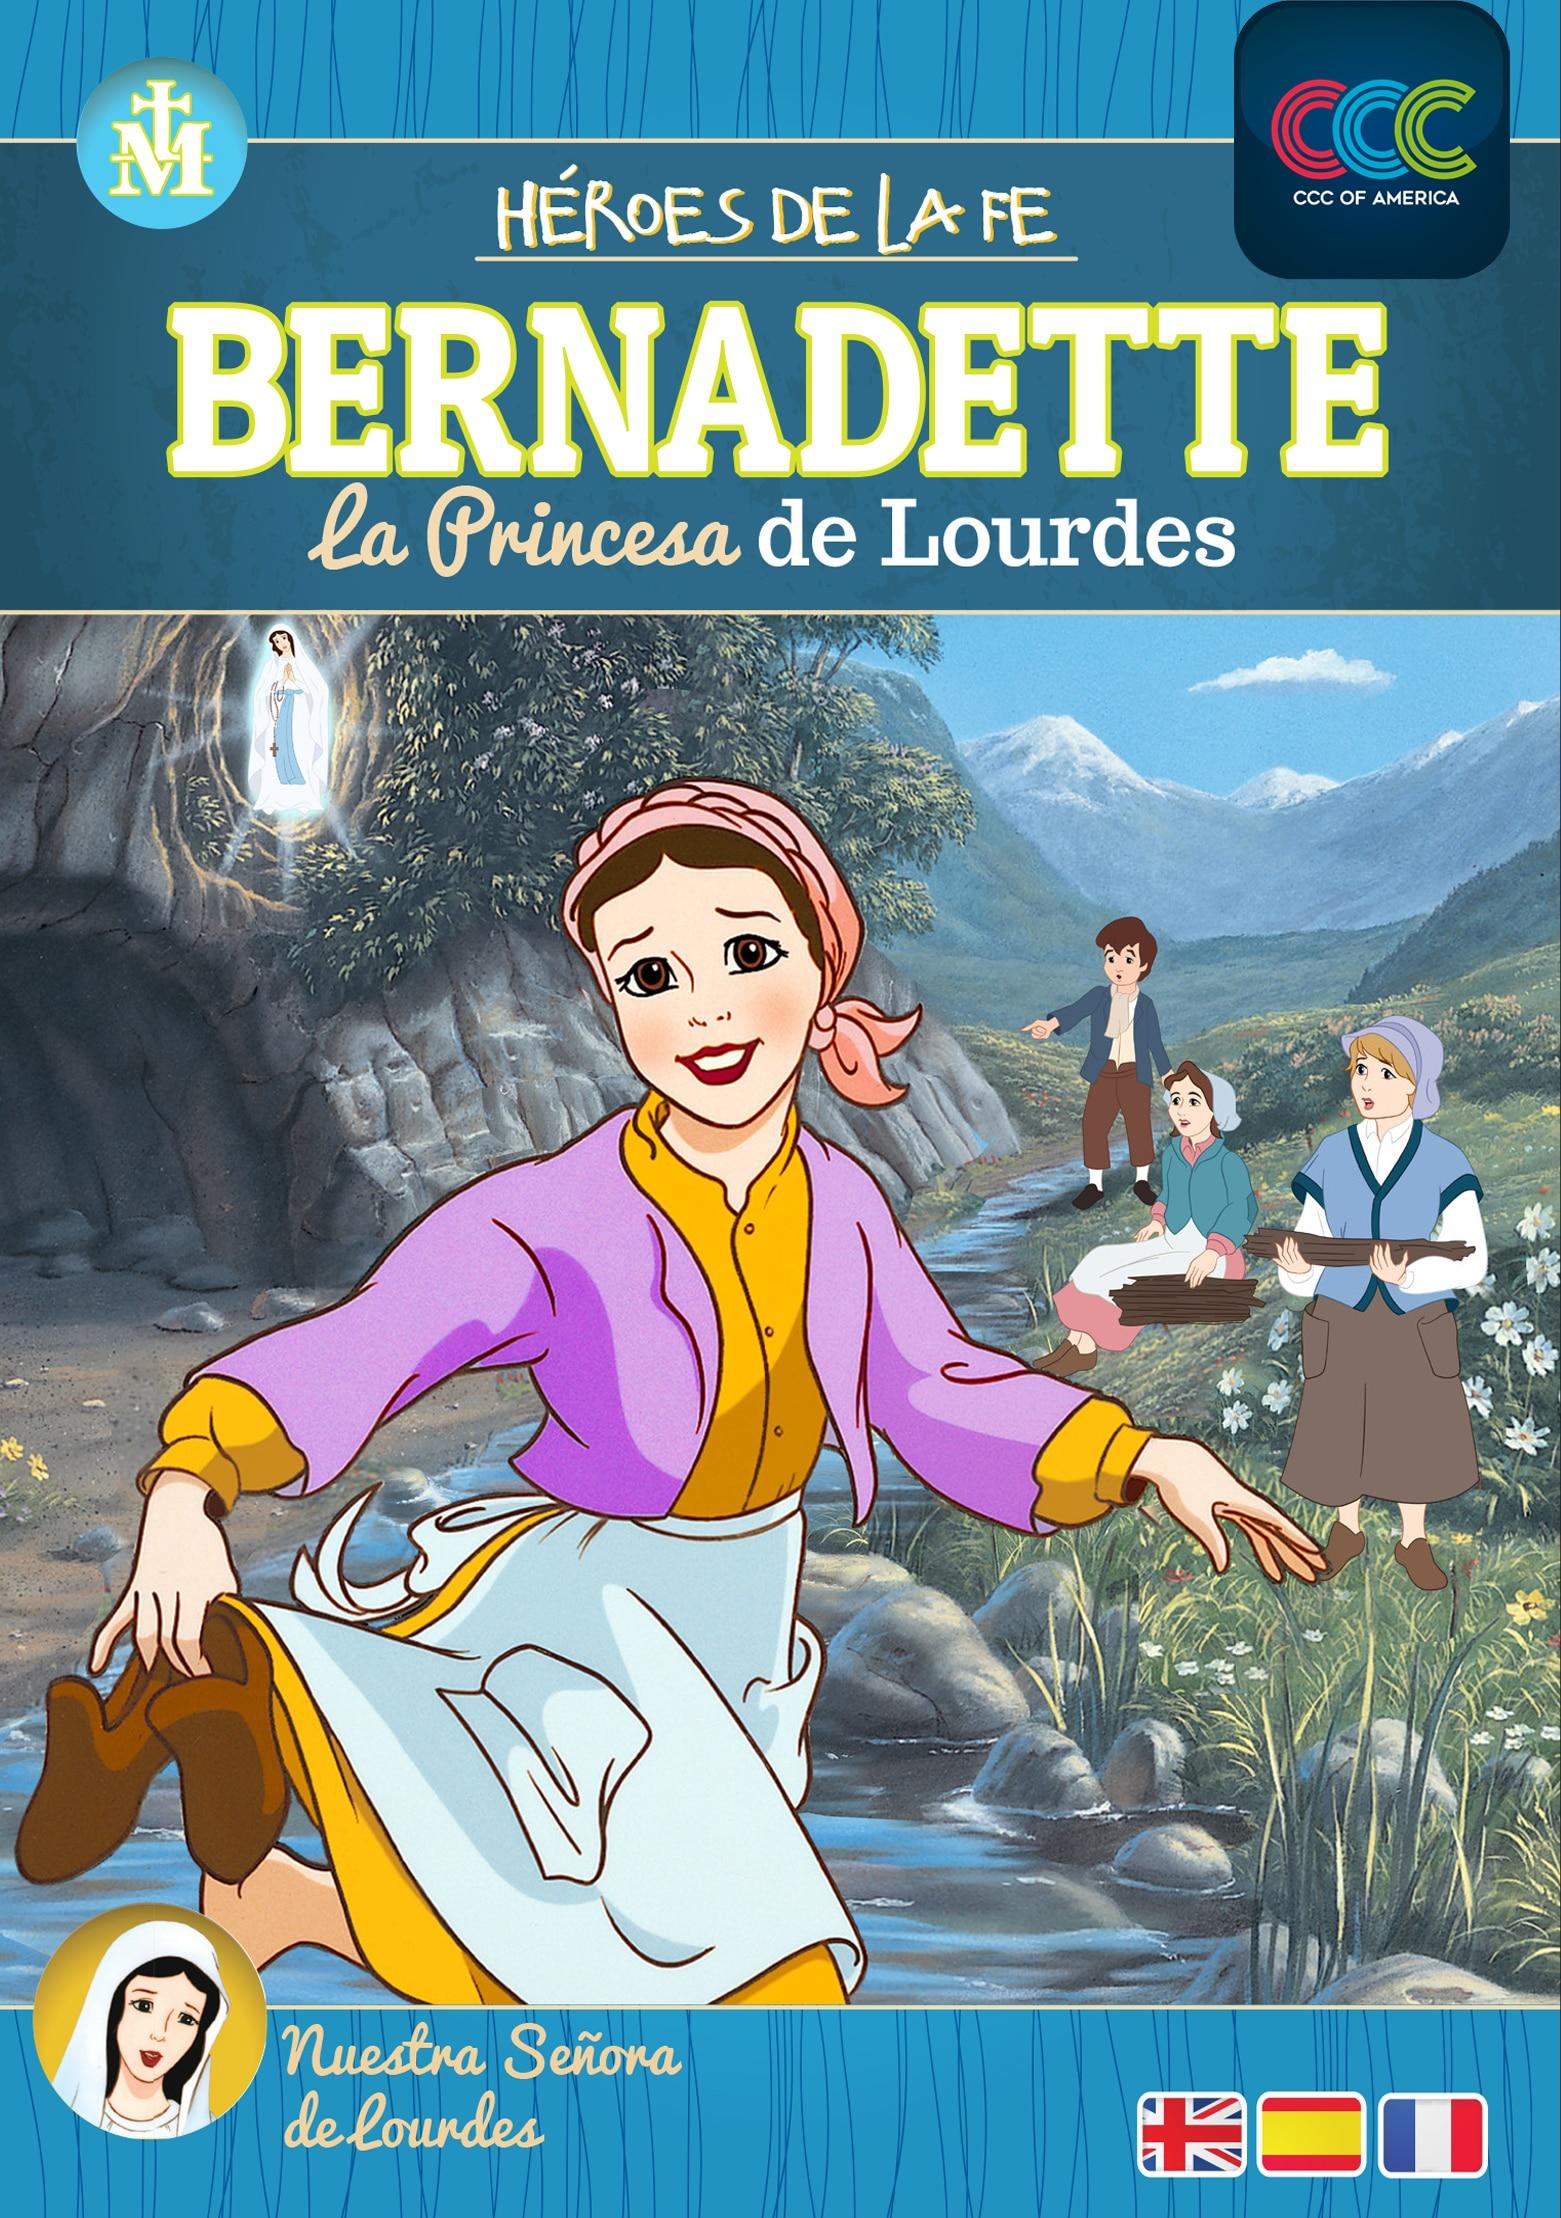 Bernadette (La princesa de Lourdes)